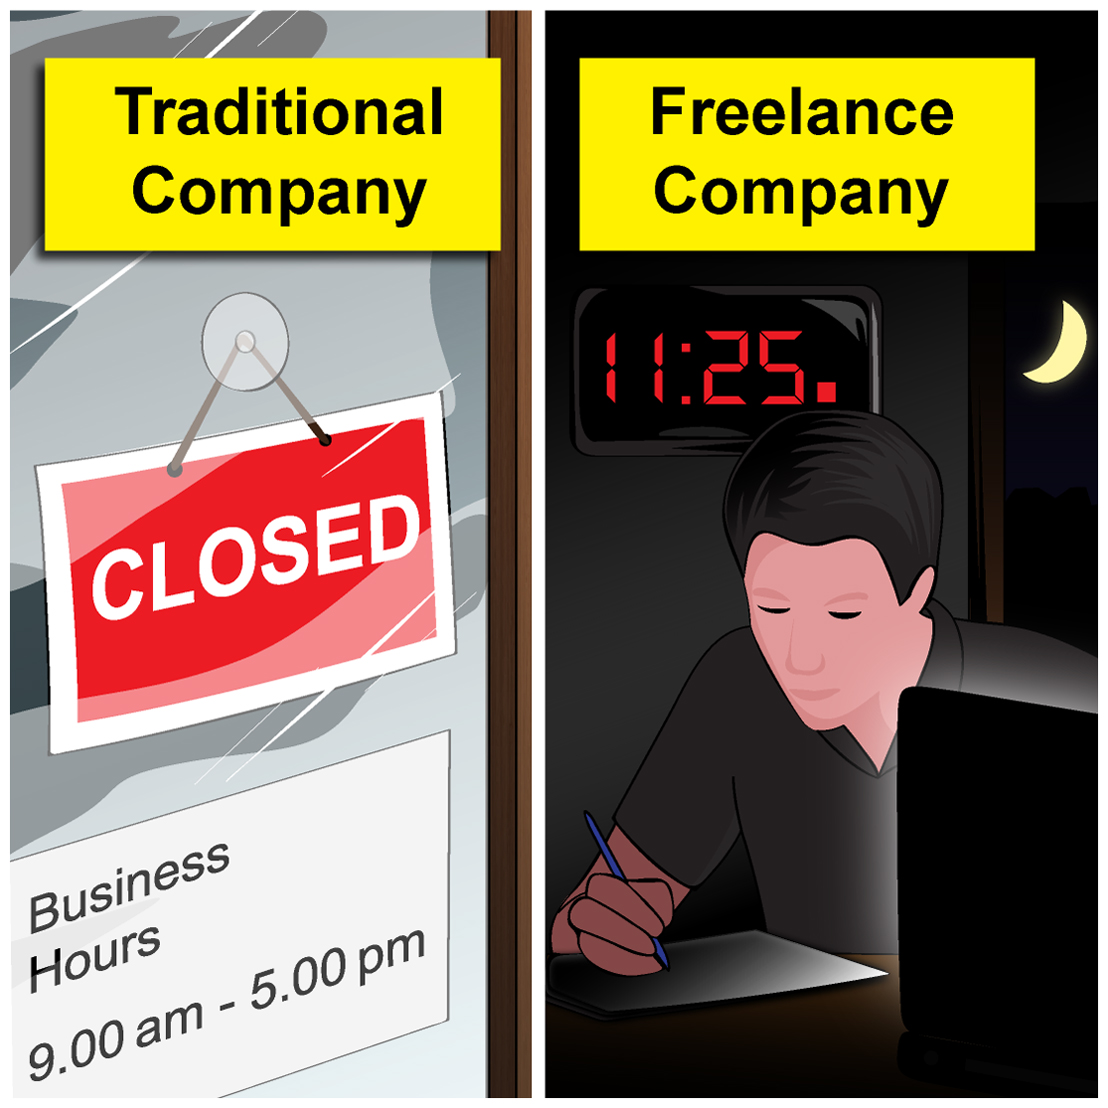 Traditional Company Vs. Freelance Company